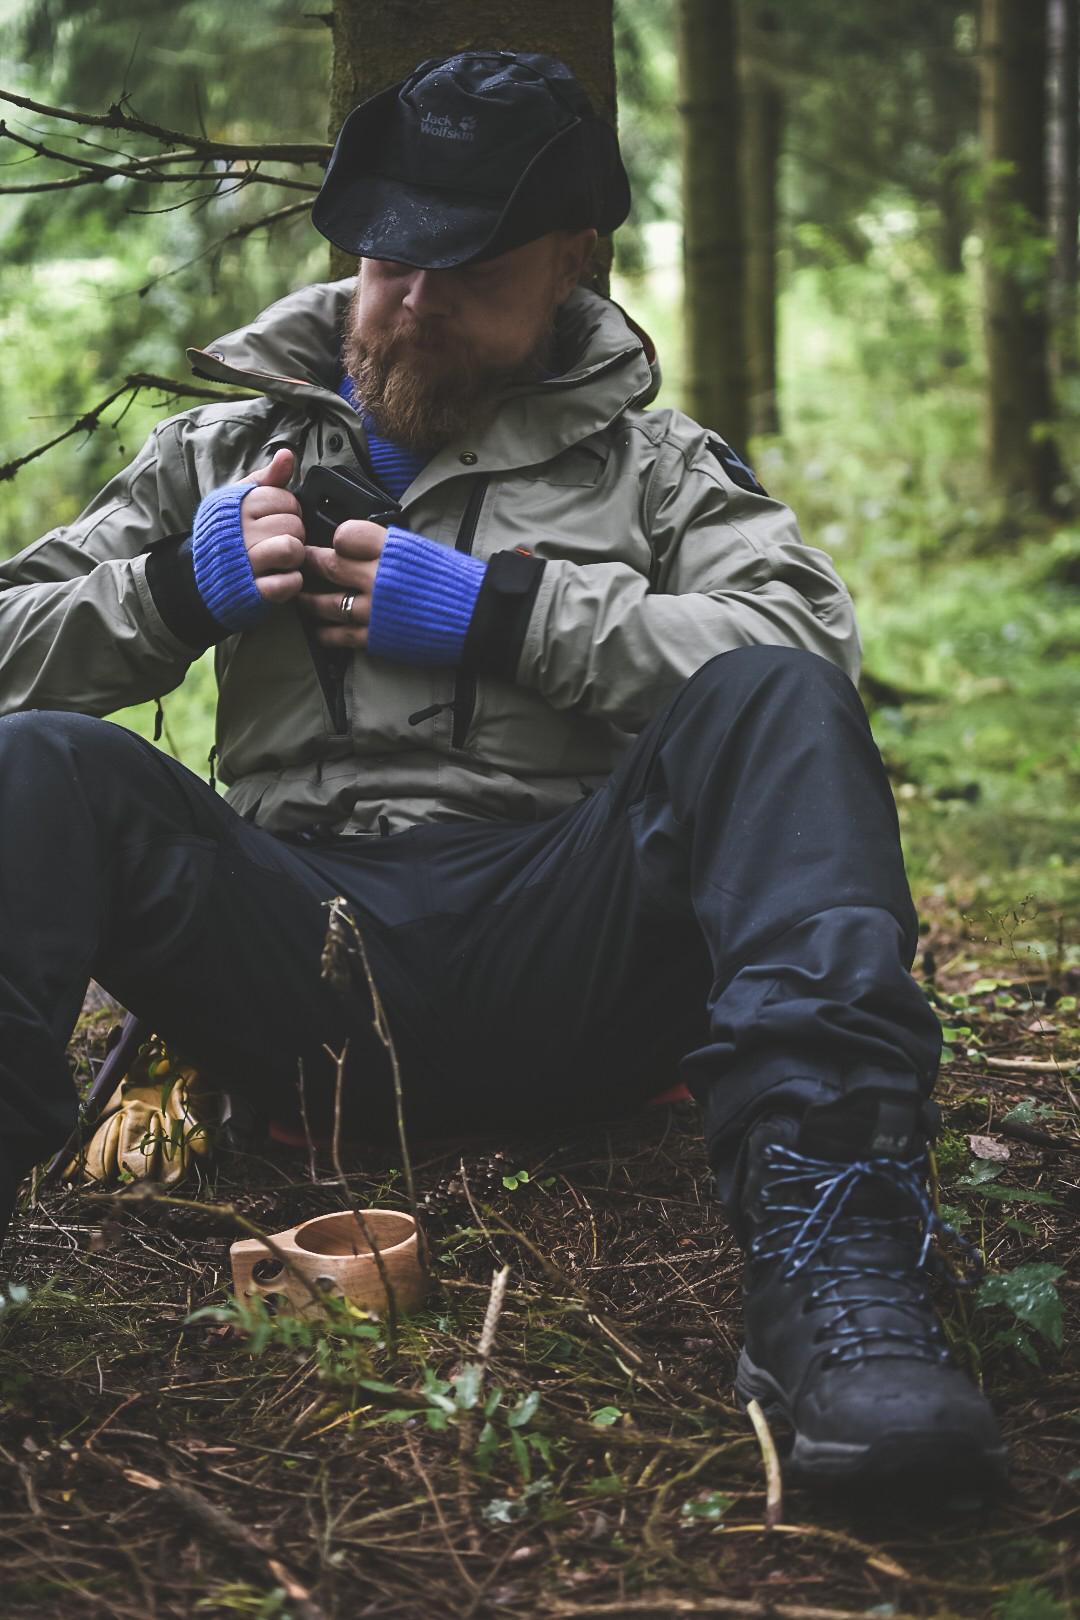 Ska det vara mobilförbud i naturen eller ska mobiltelefonen användas som ett verktyg